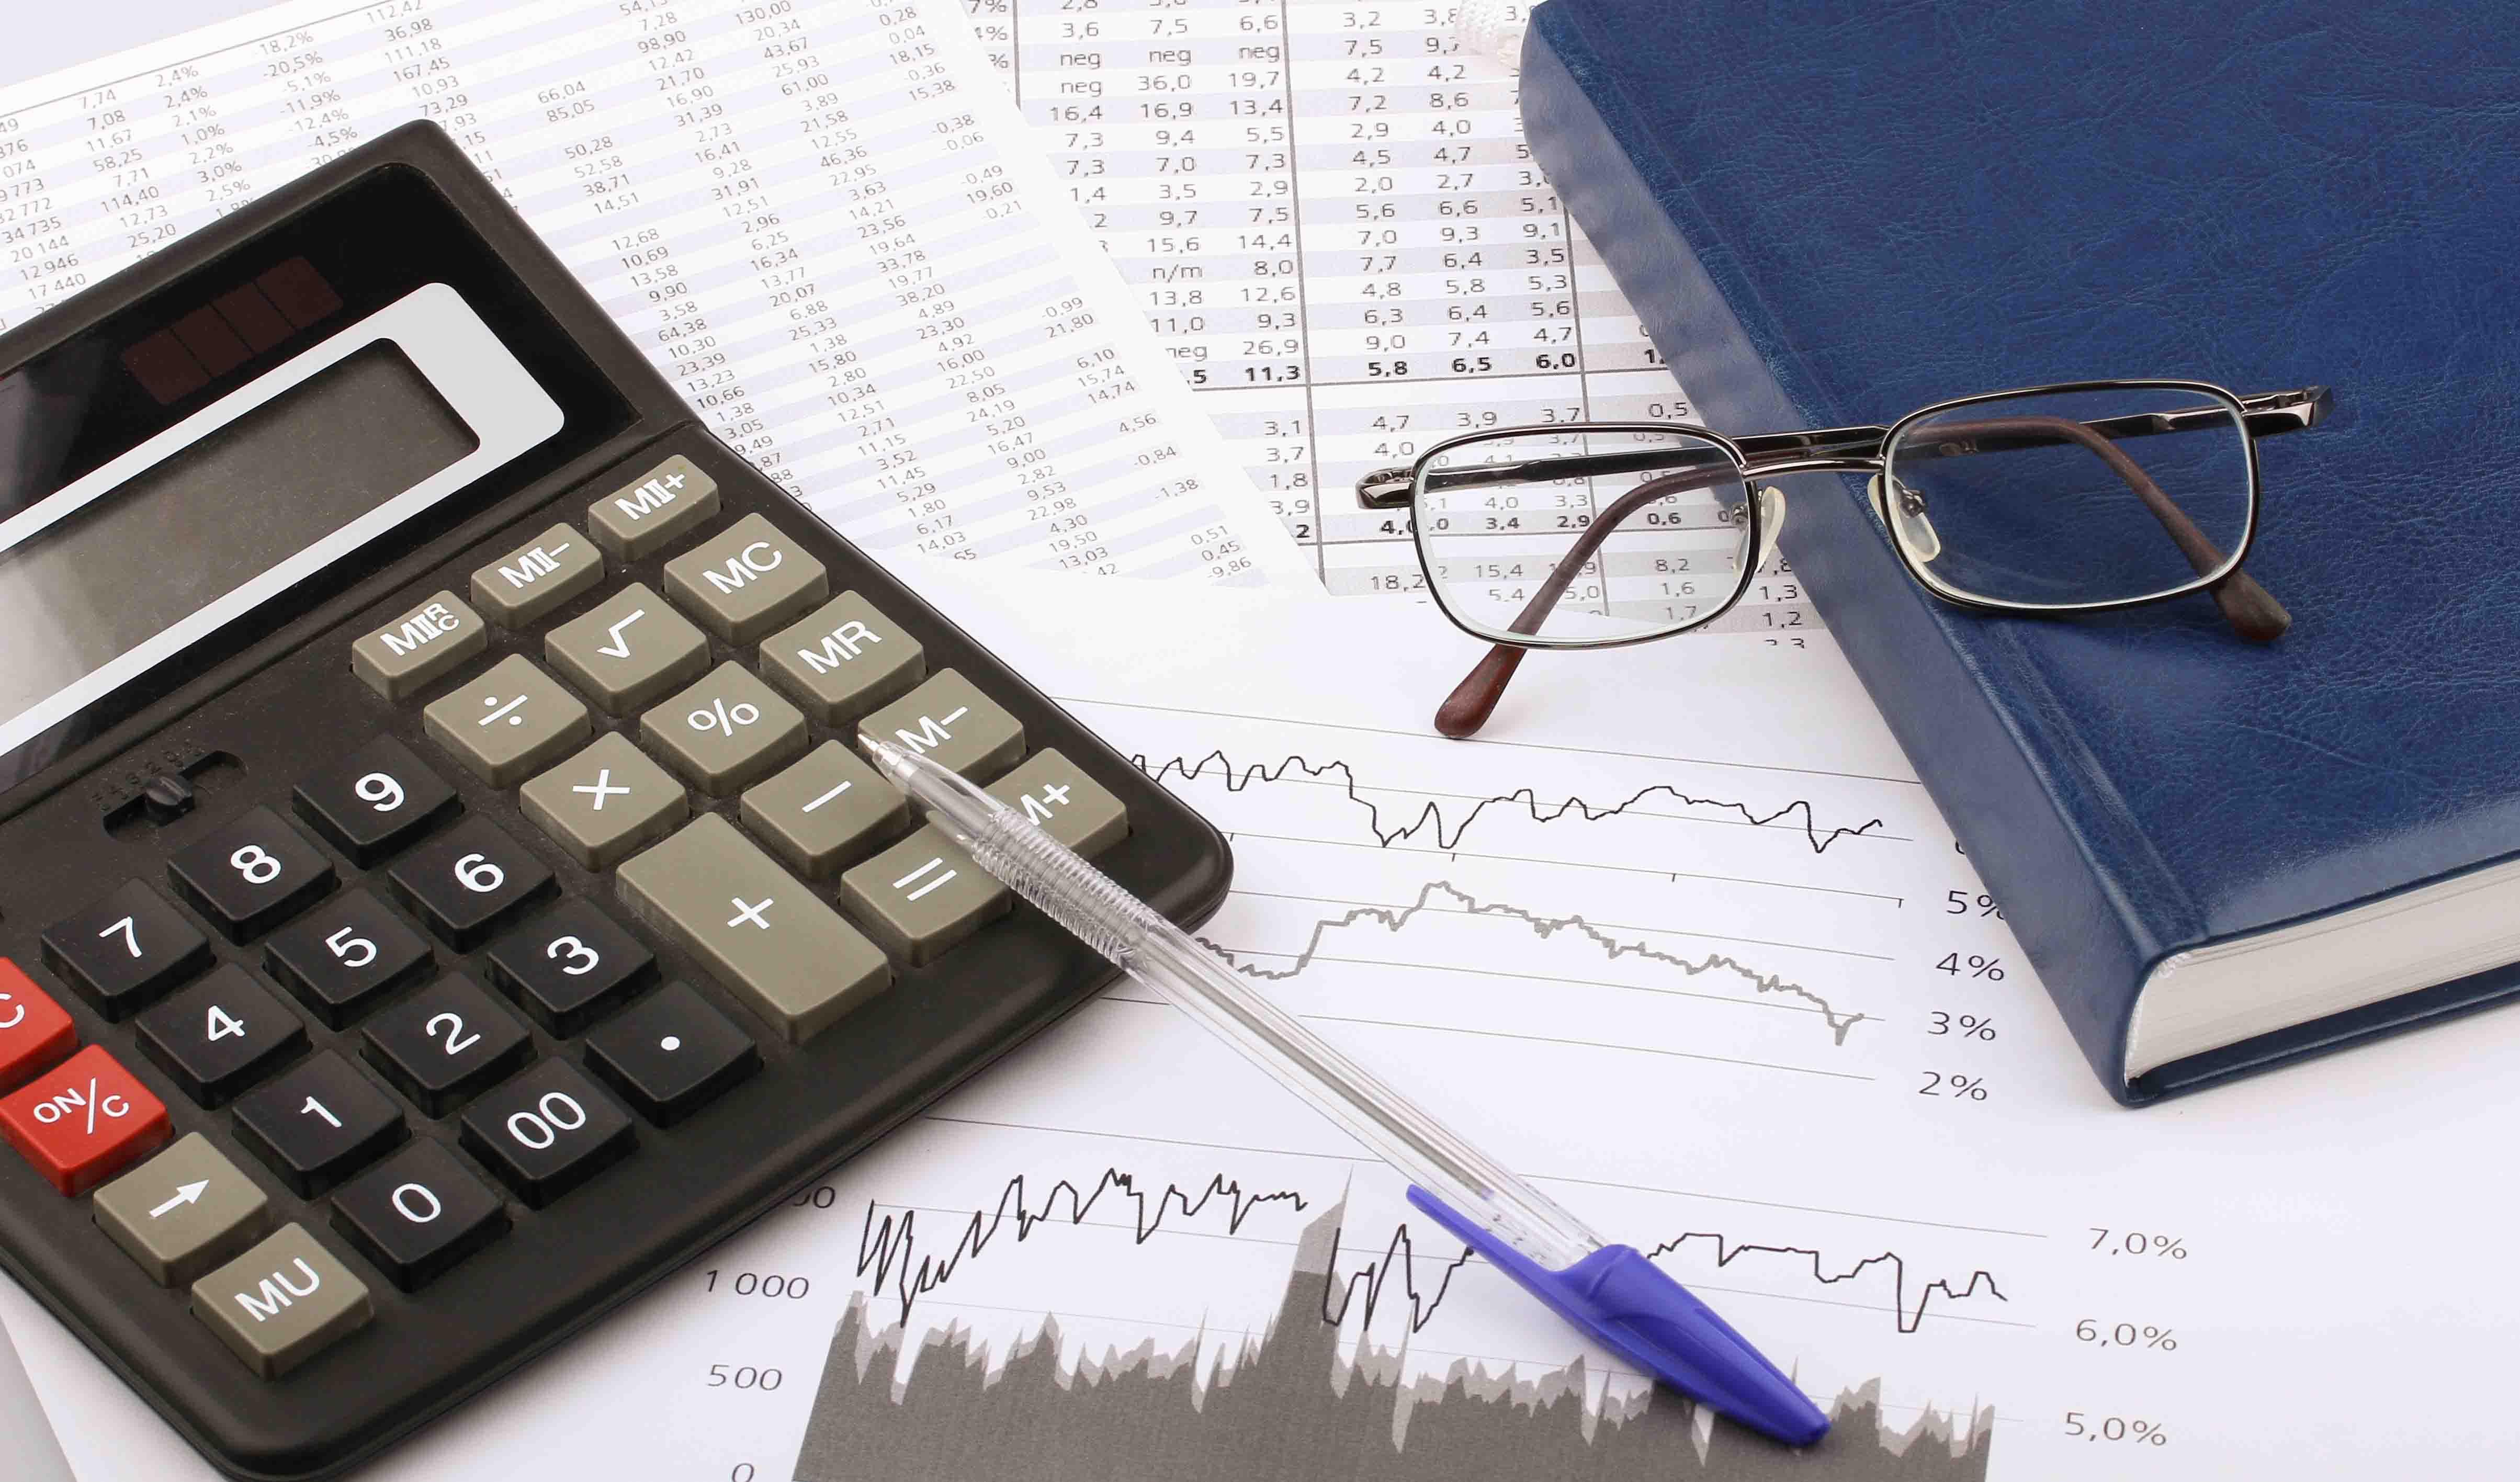 ابلاغ مصوبه ستاد تسهیل برای کاهش اختلاف مالیاتی واحدهای تولیدی با سازمان مالیات